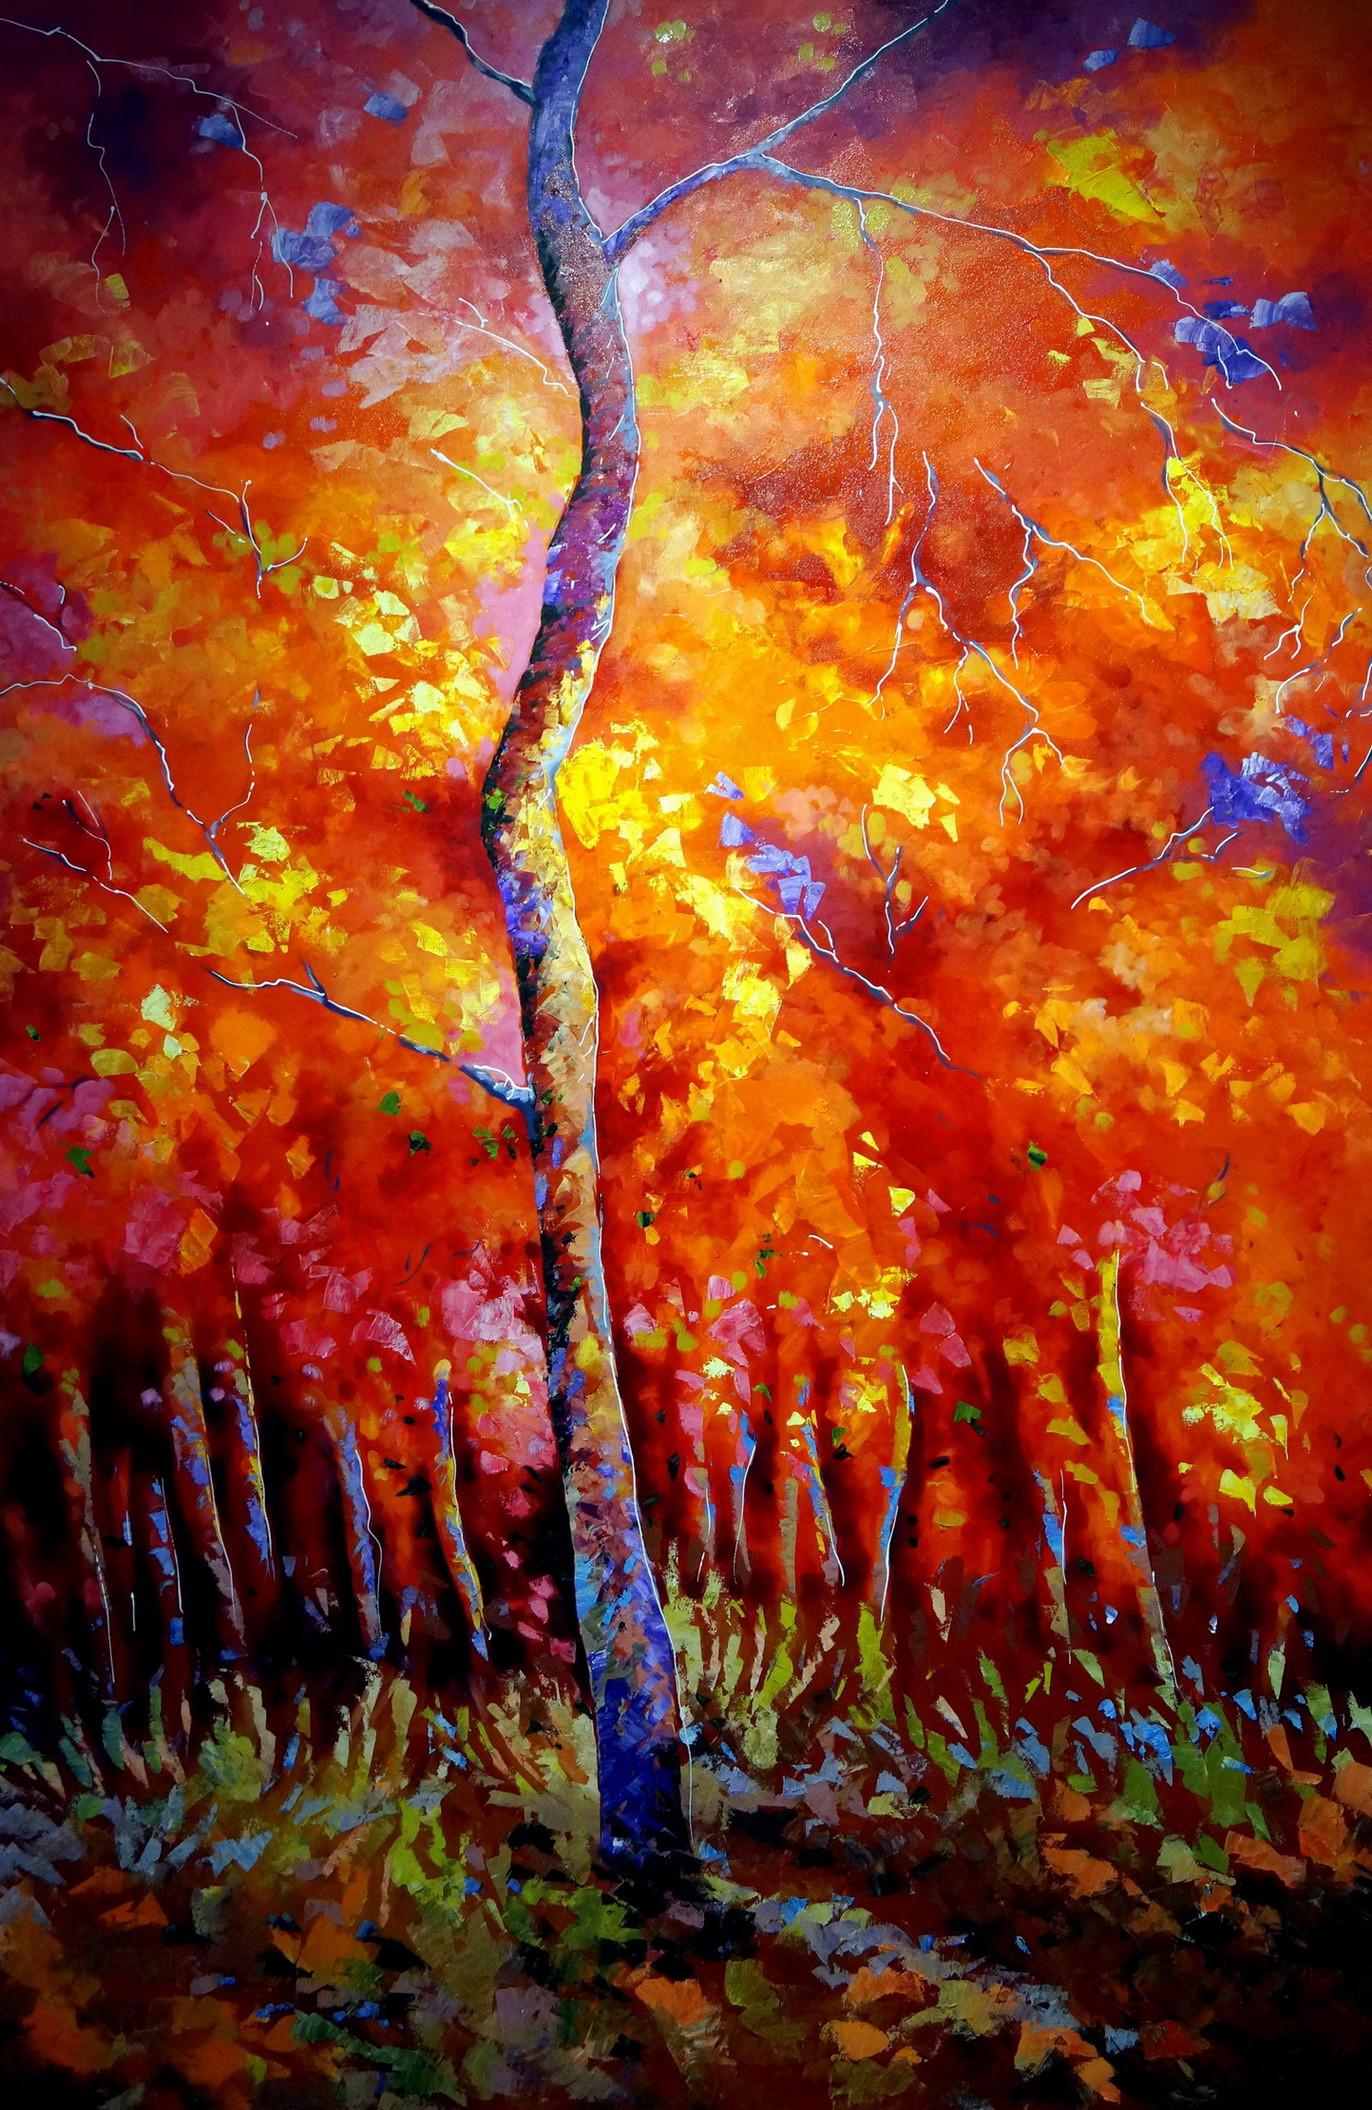 Landscape Painting Images  Unconventional List of Some Famous Landscape Paintings